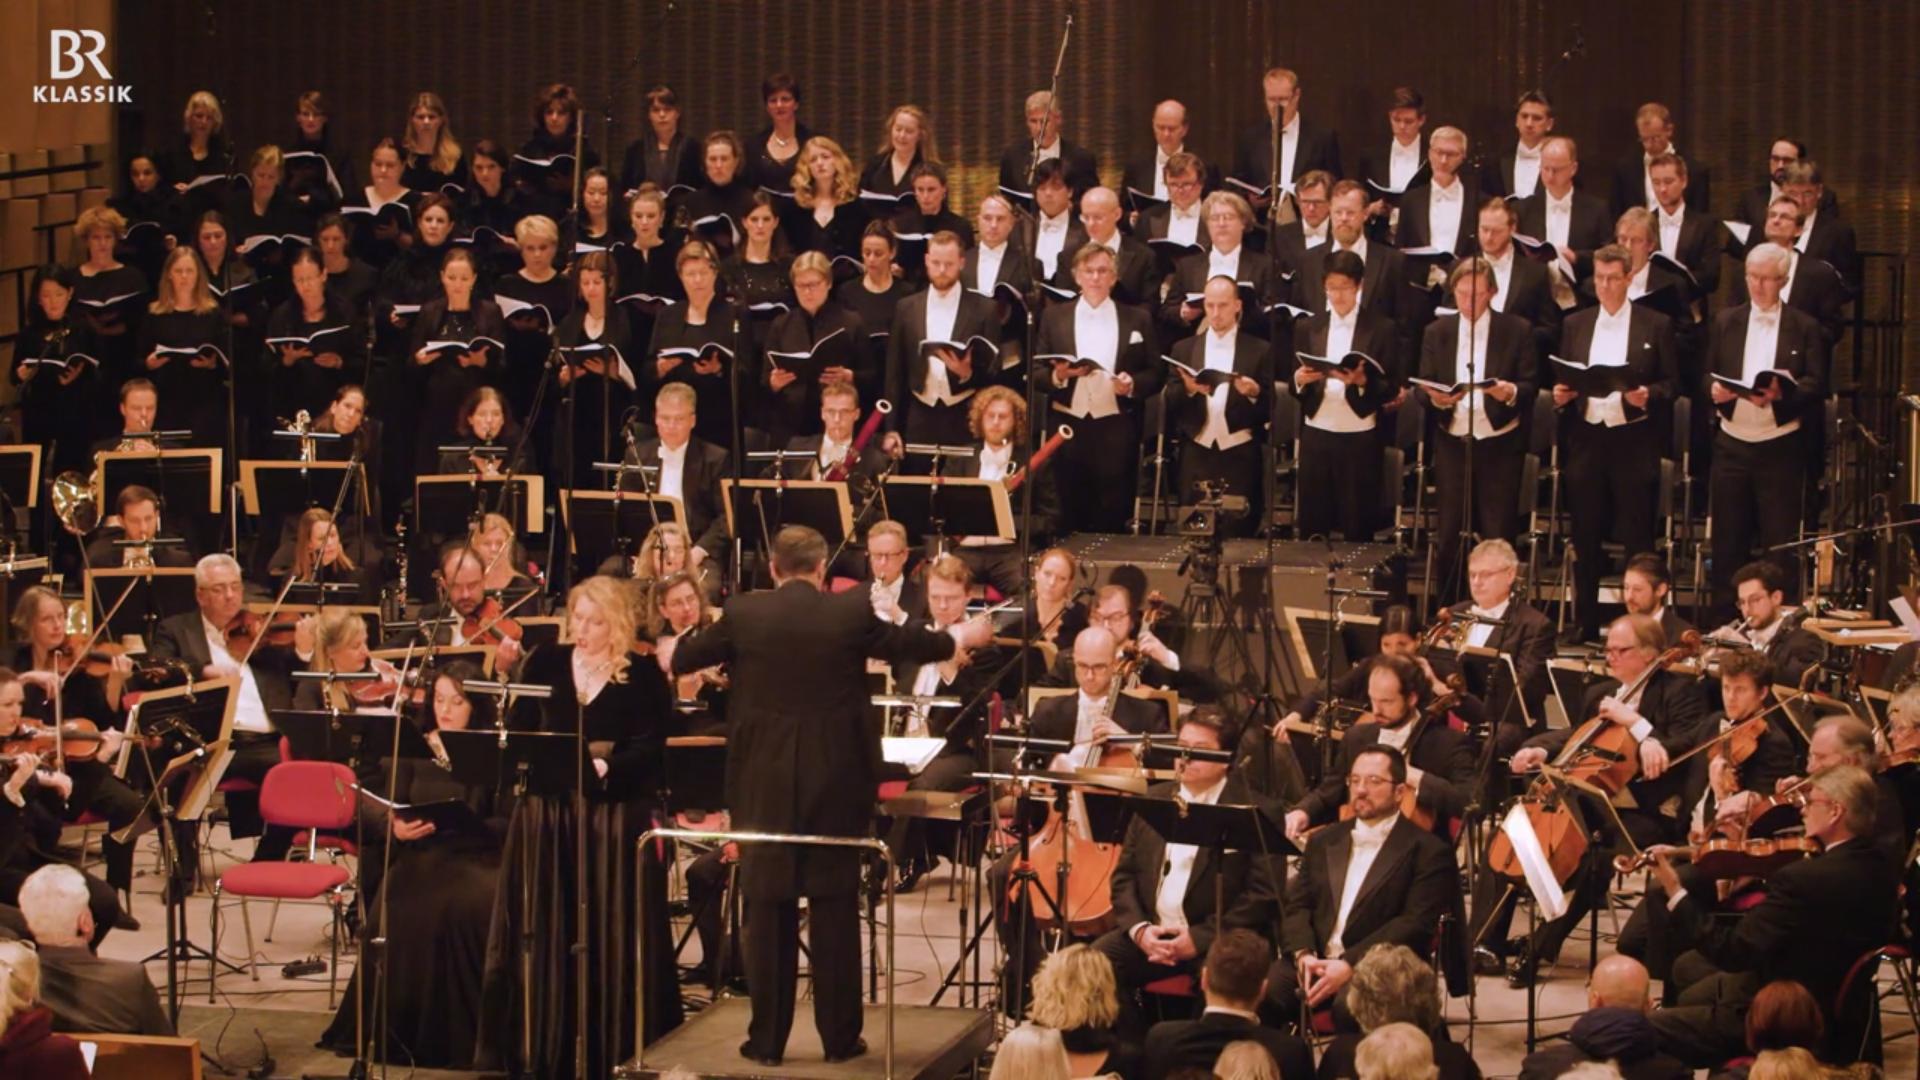 Glagolitisches Requiem (Kuljerić), Alt Solo